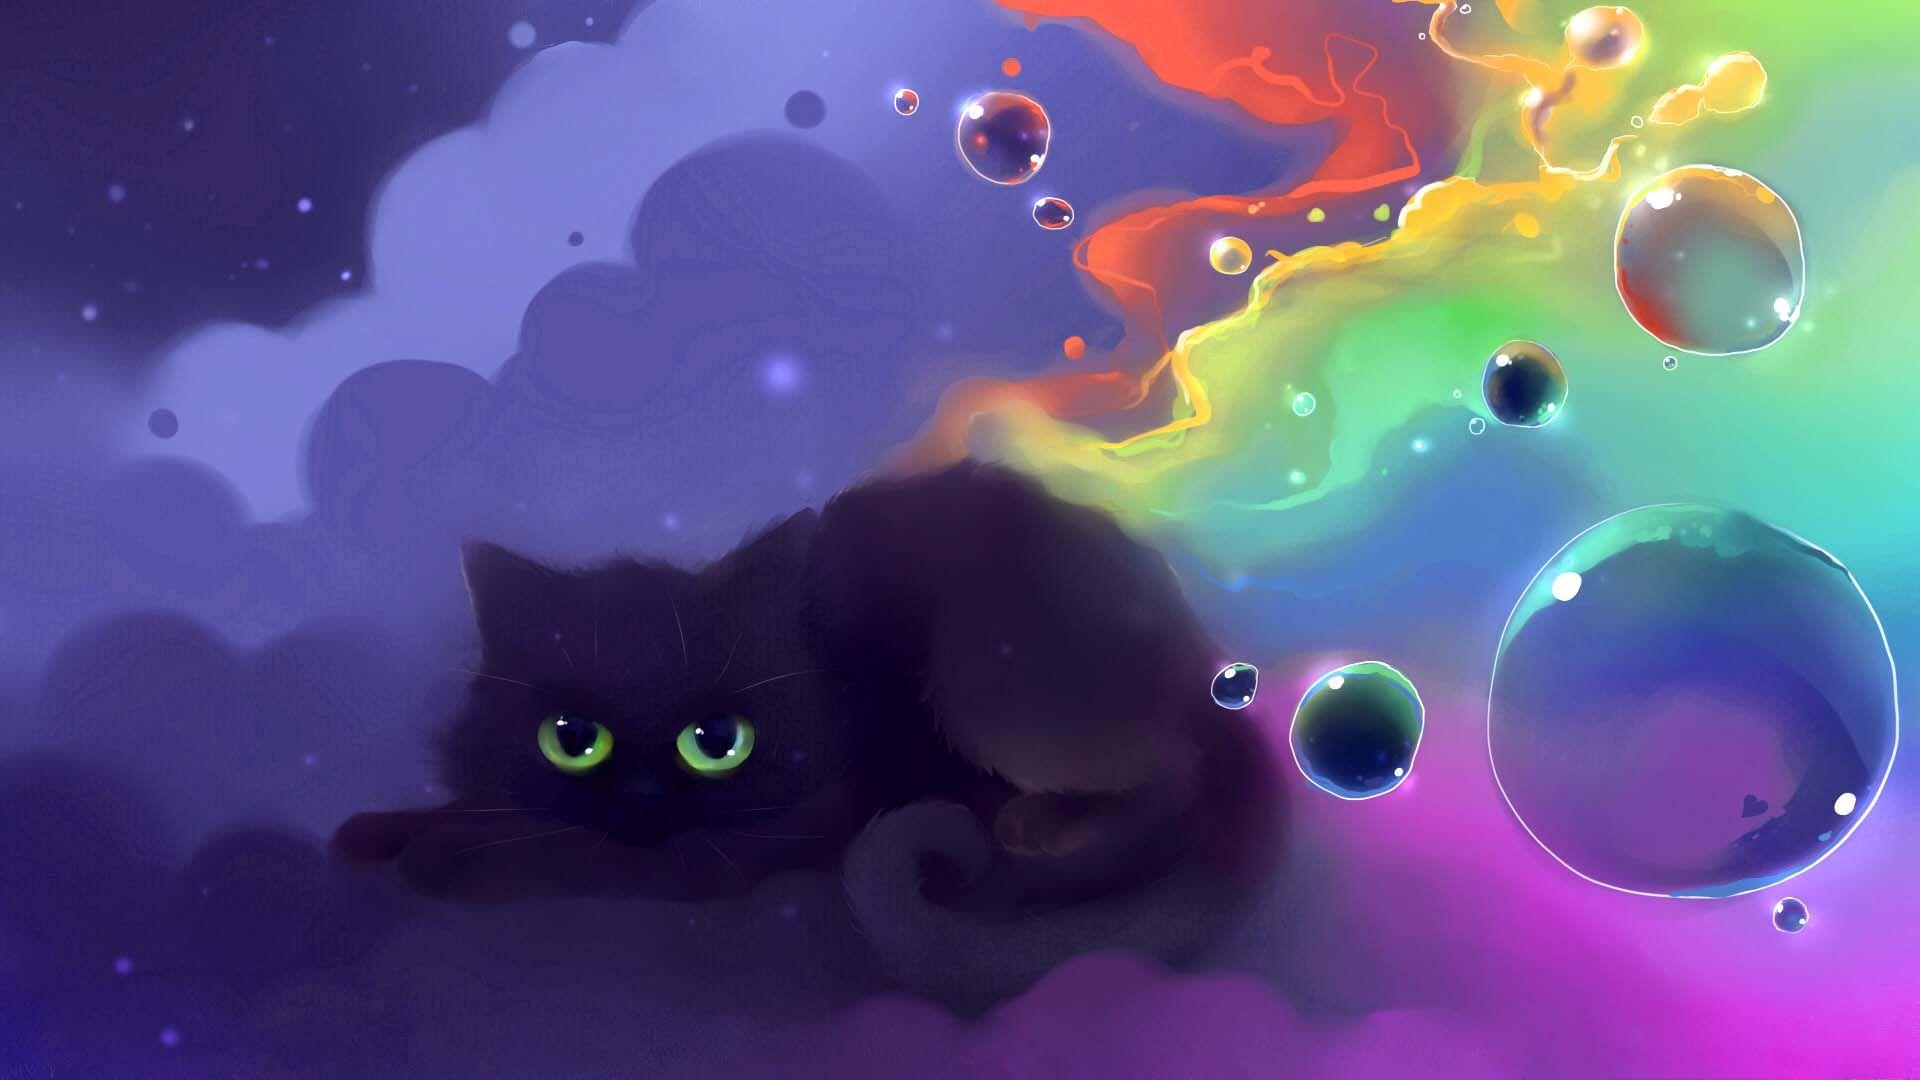 Kitty Cat Gatos Wallpaper 41231393 Fanpop